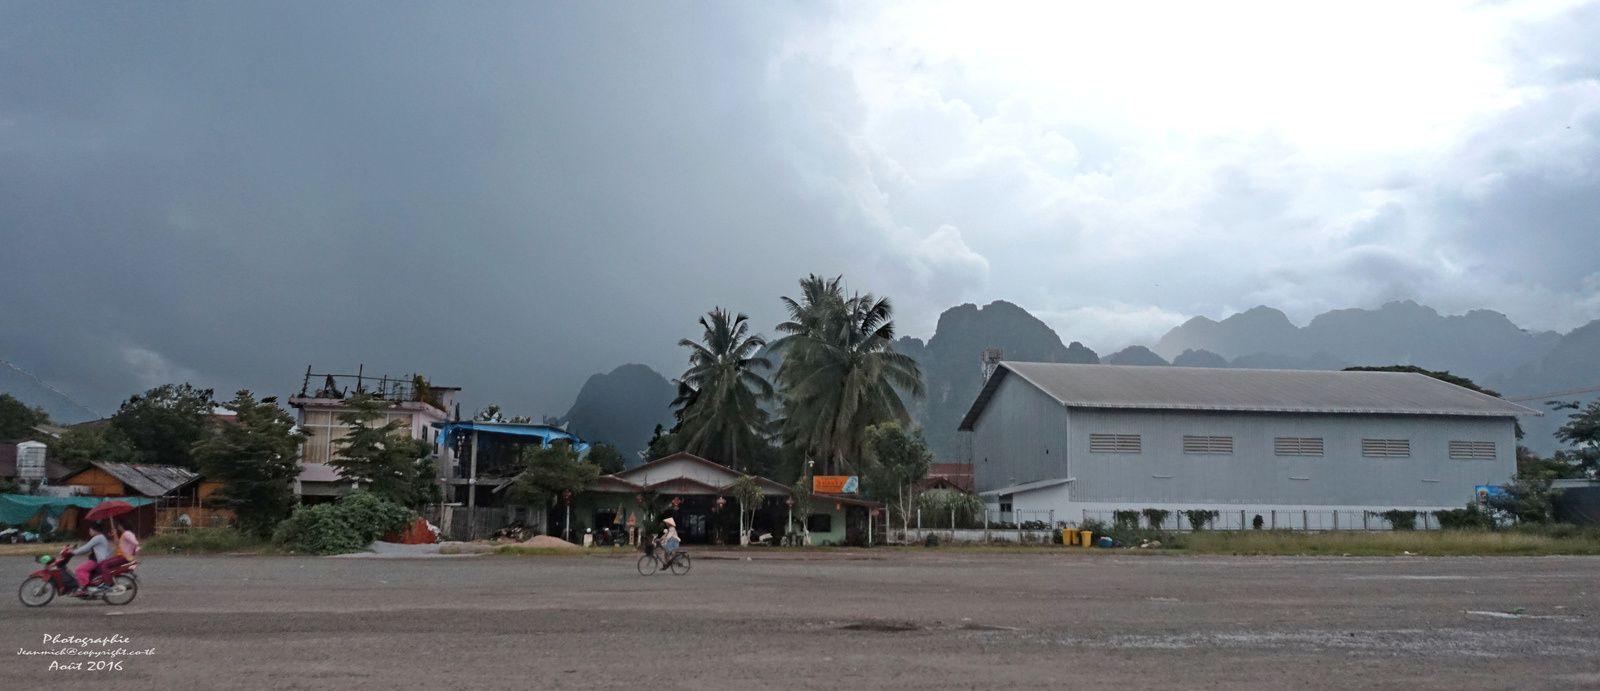 La route entre Vientiane et Vang Vieng (Laos)